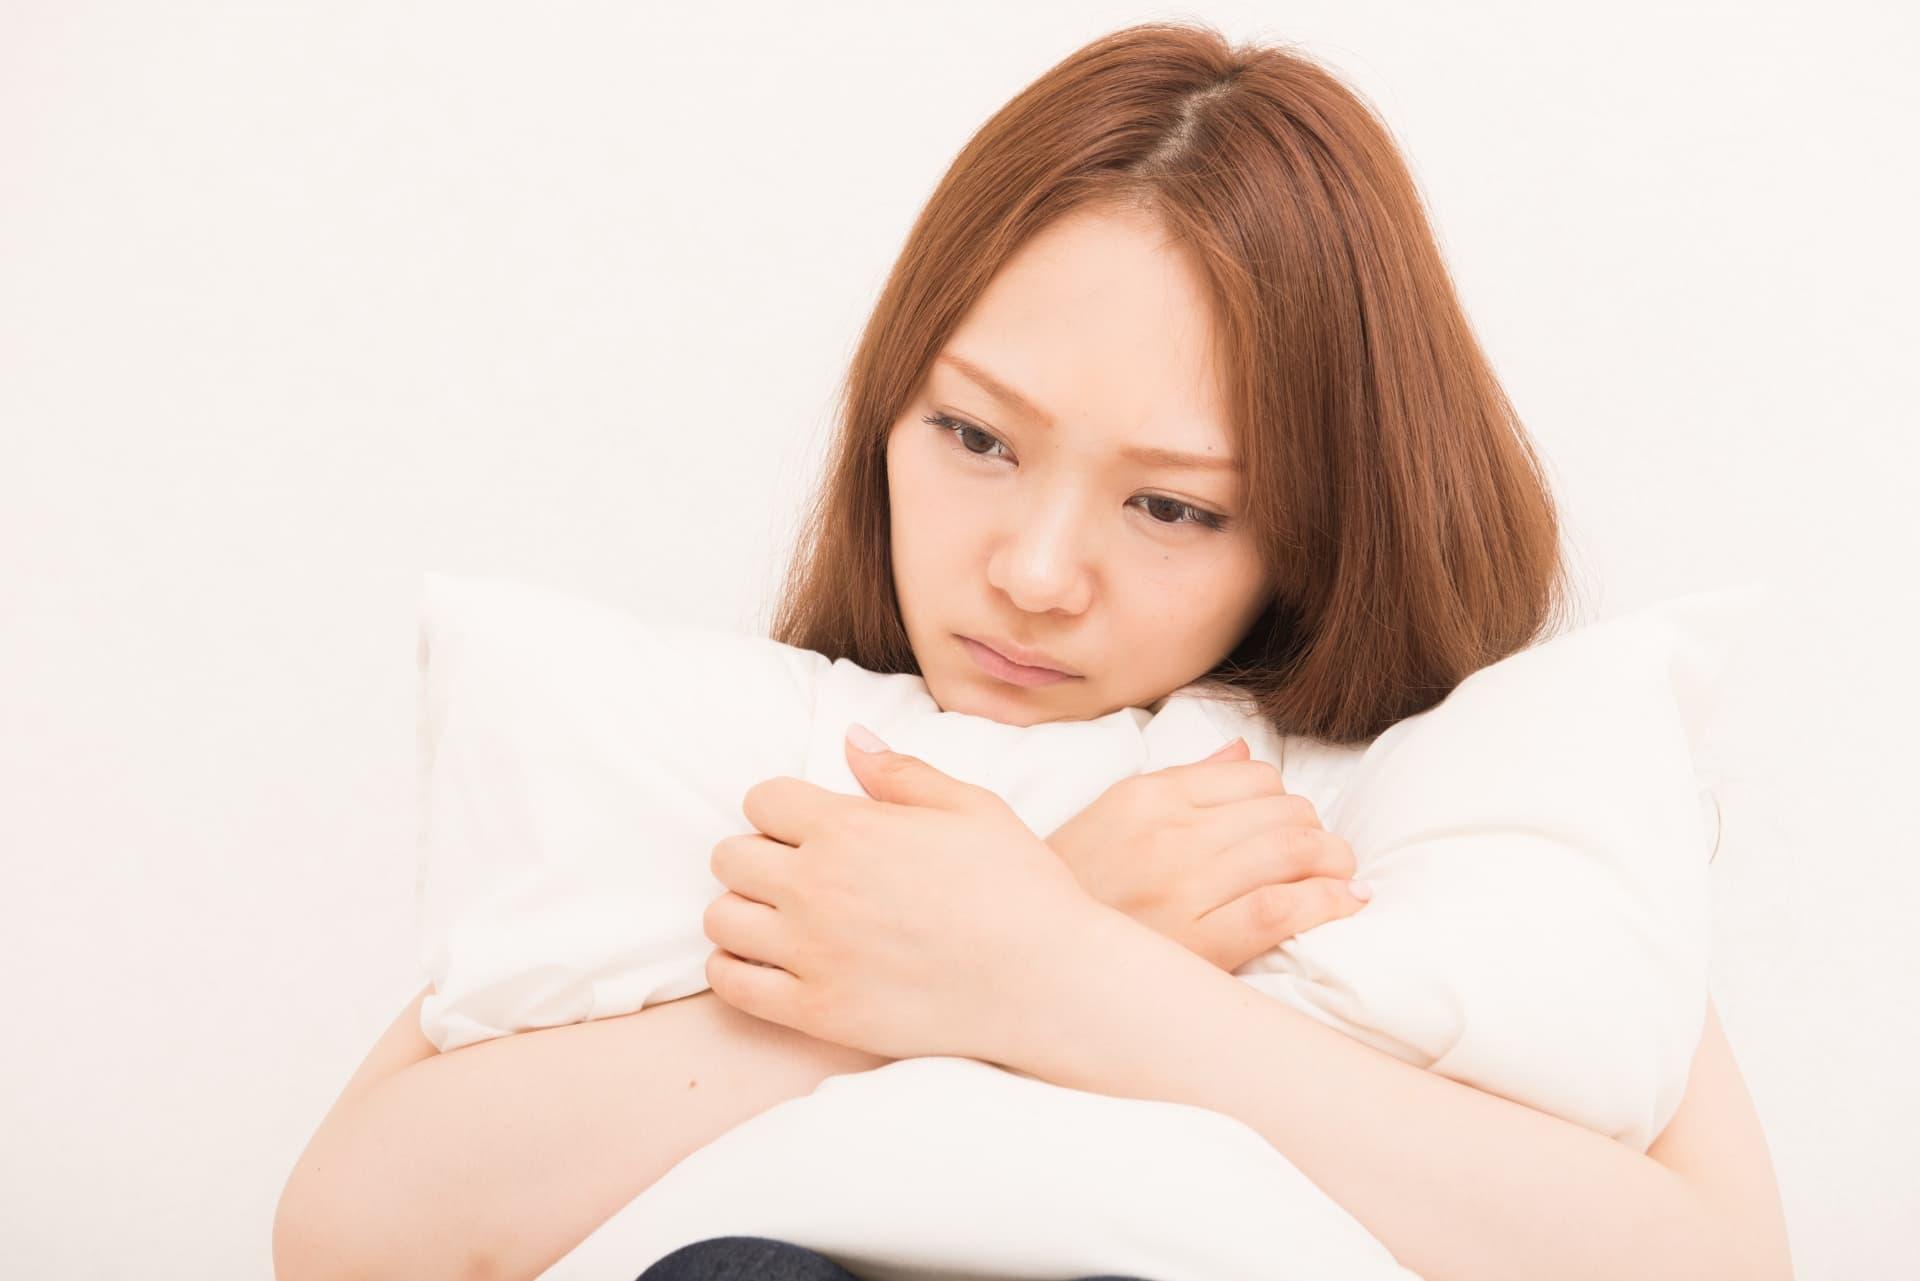 【尿ラボ】事故による脊髄損傷で尿漏れに!20代から始まった尿漏れ